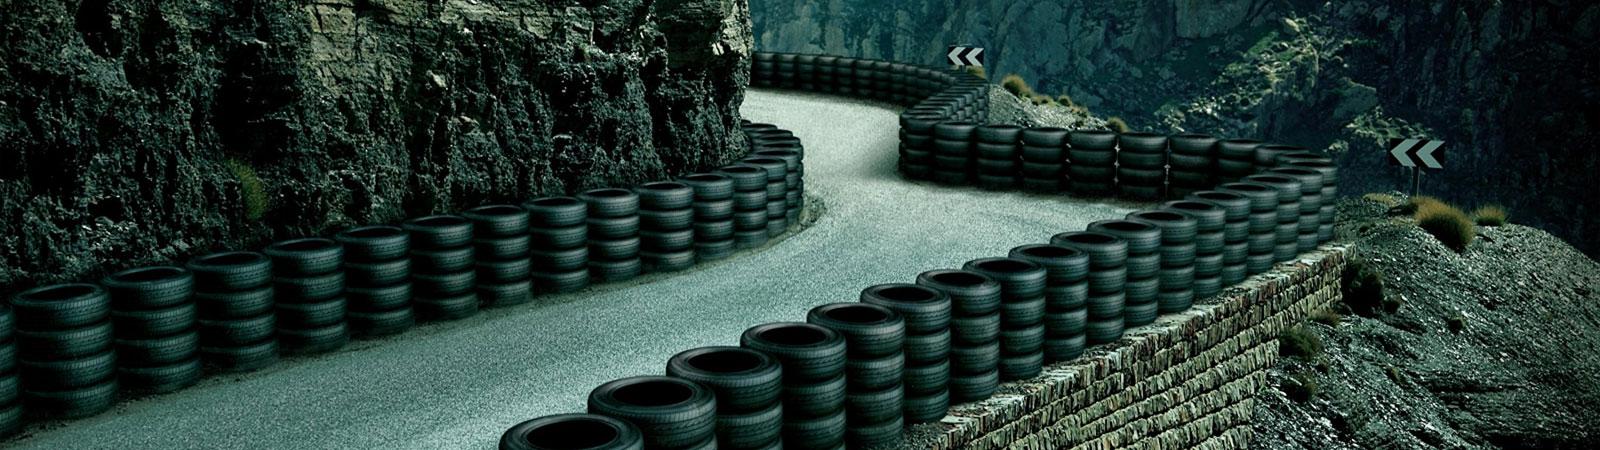 des milliers de pneus pas cher en stock